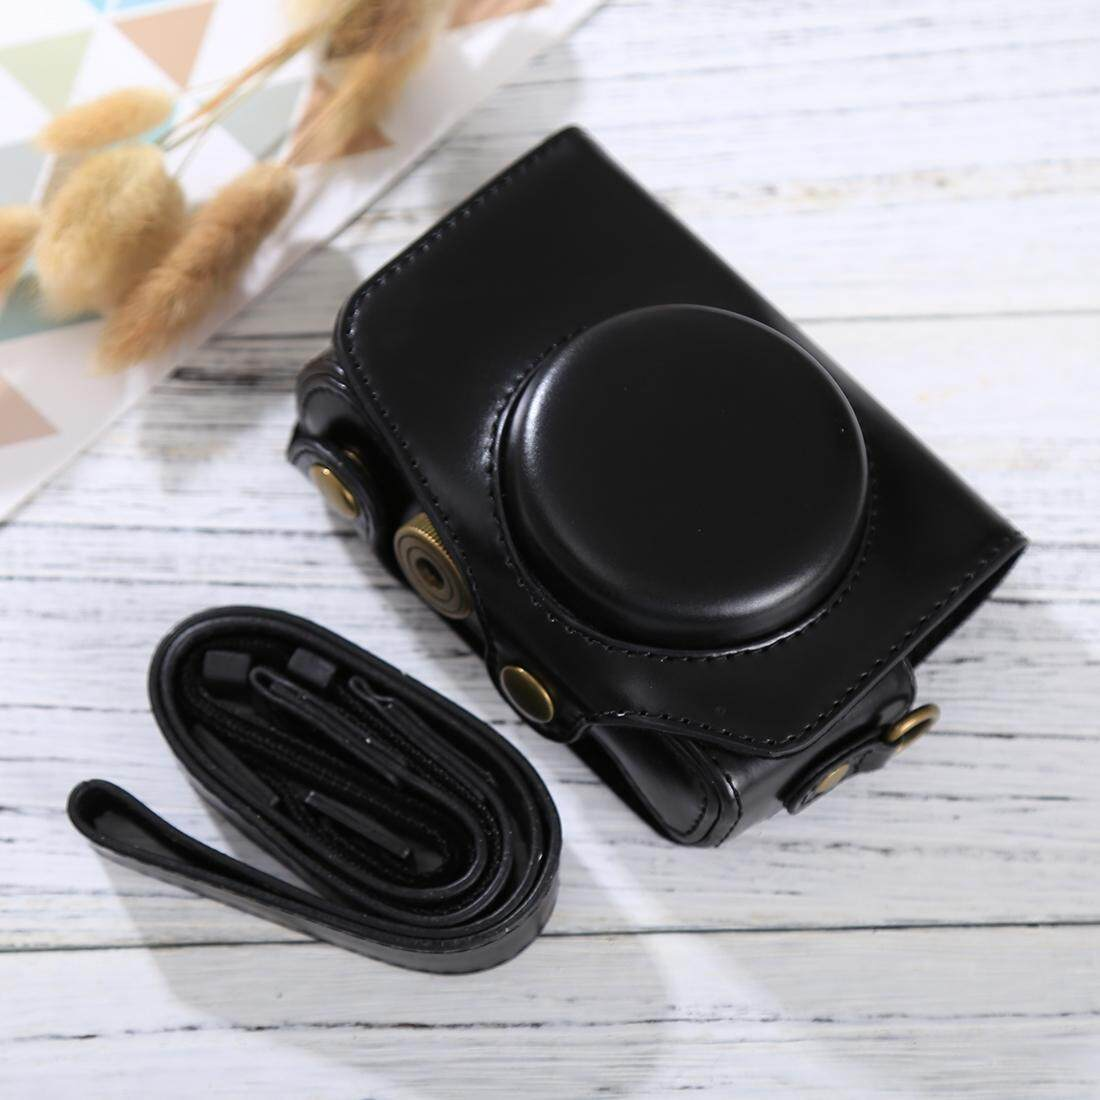 Penuh Kamera Badan PU Case Kulit Tas dengan Tali untuk Canon PowerShot SX730 HS/SX720 HS (Hitam)-Intl